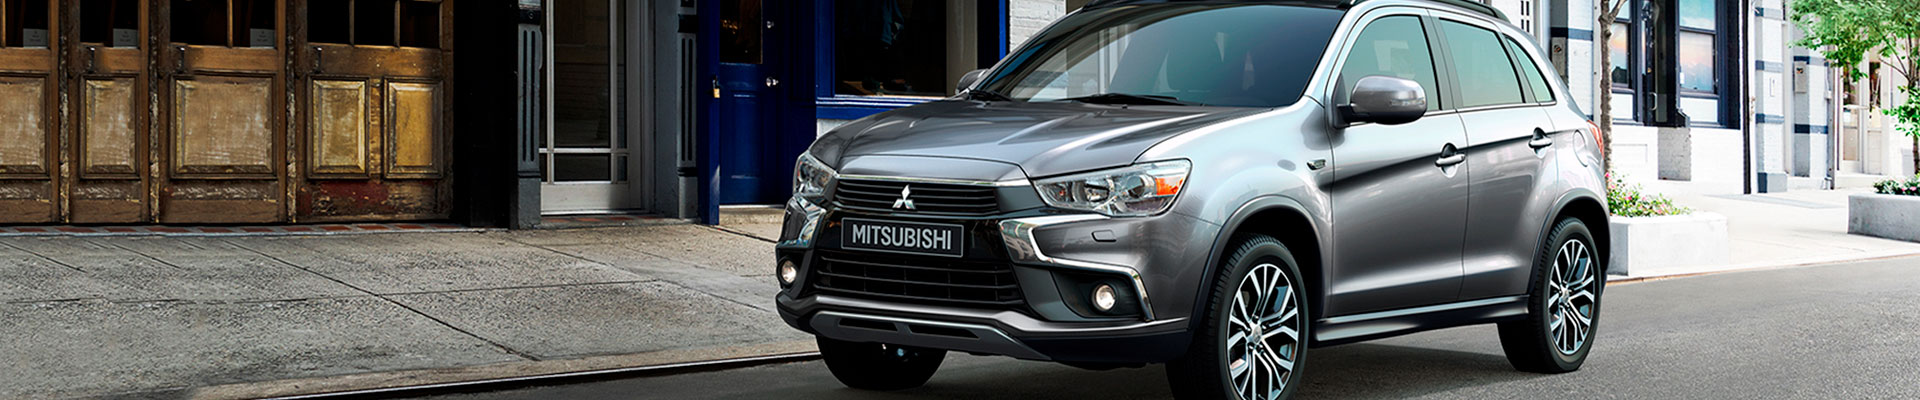 Rojas Móvil Badajoz, Concesionario Oficial Mitsubishi Motors en Badajoz